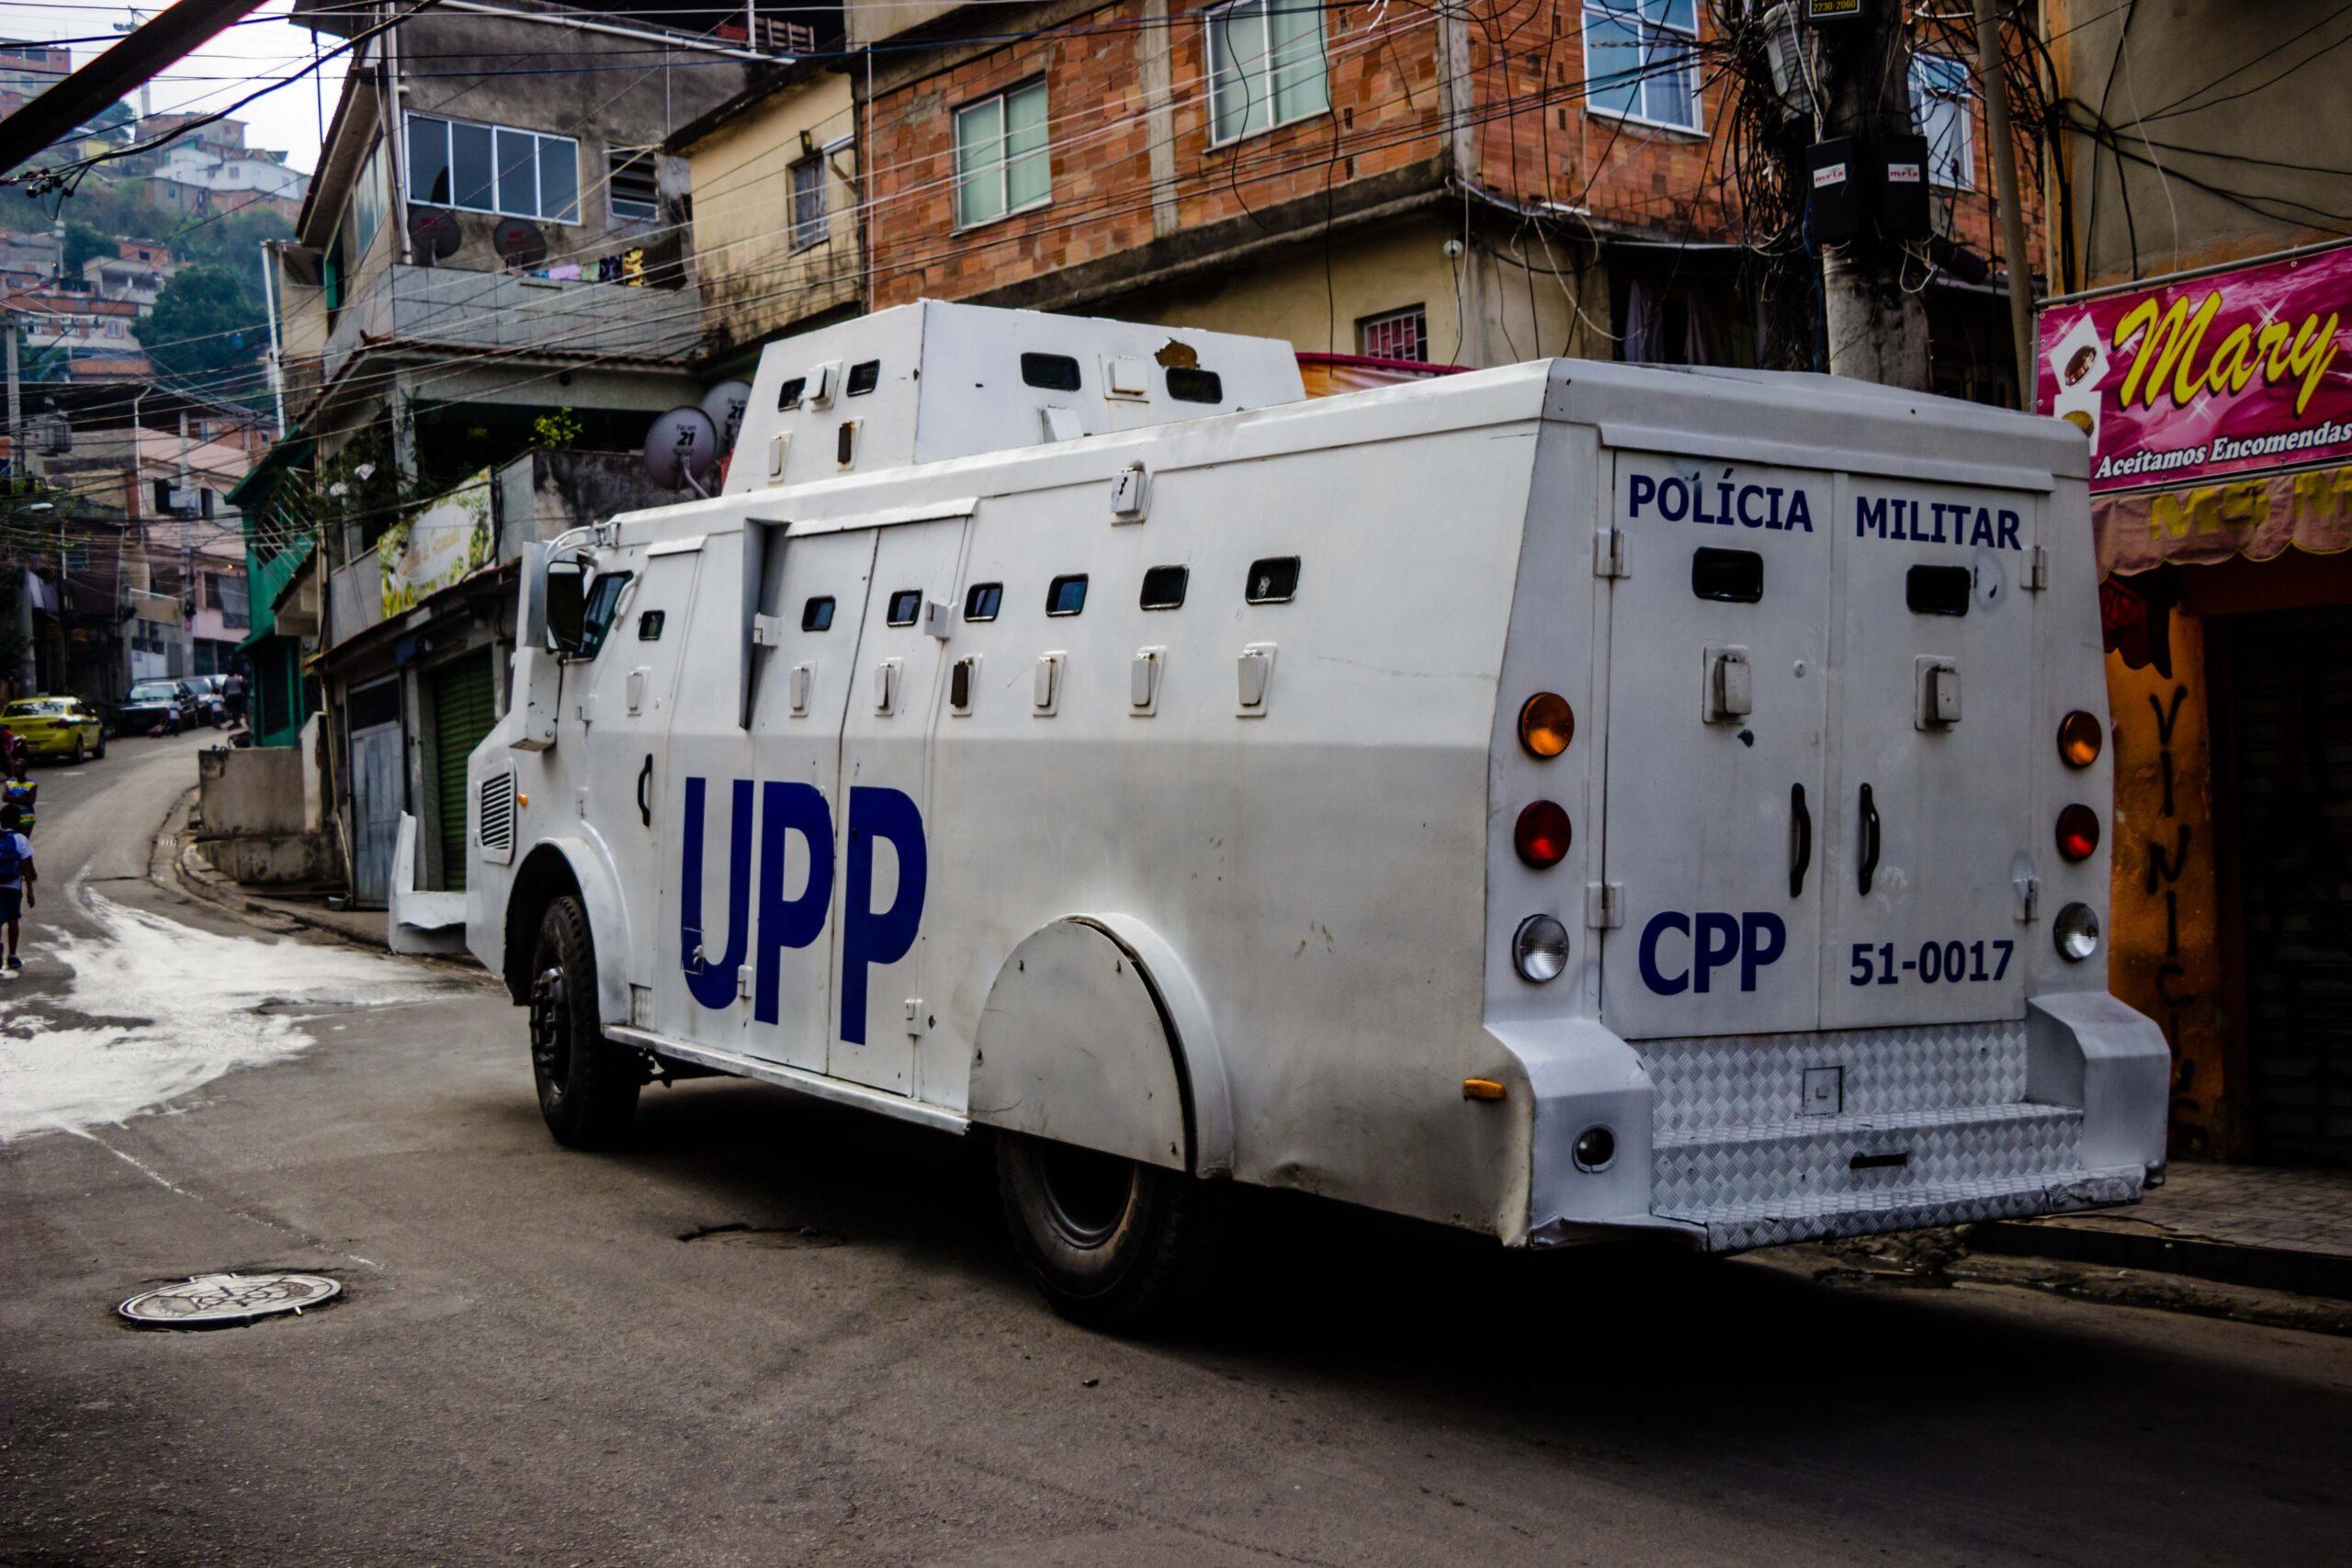 Manhã de tiroteio em favelas do Rio assusta moradores e deixa policial baleado